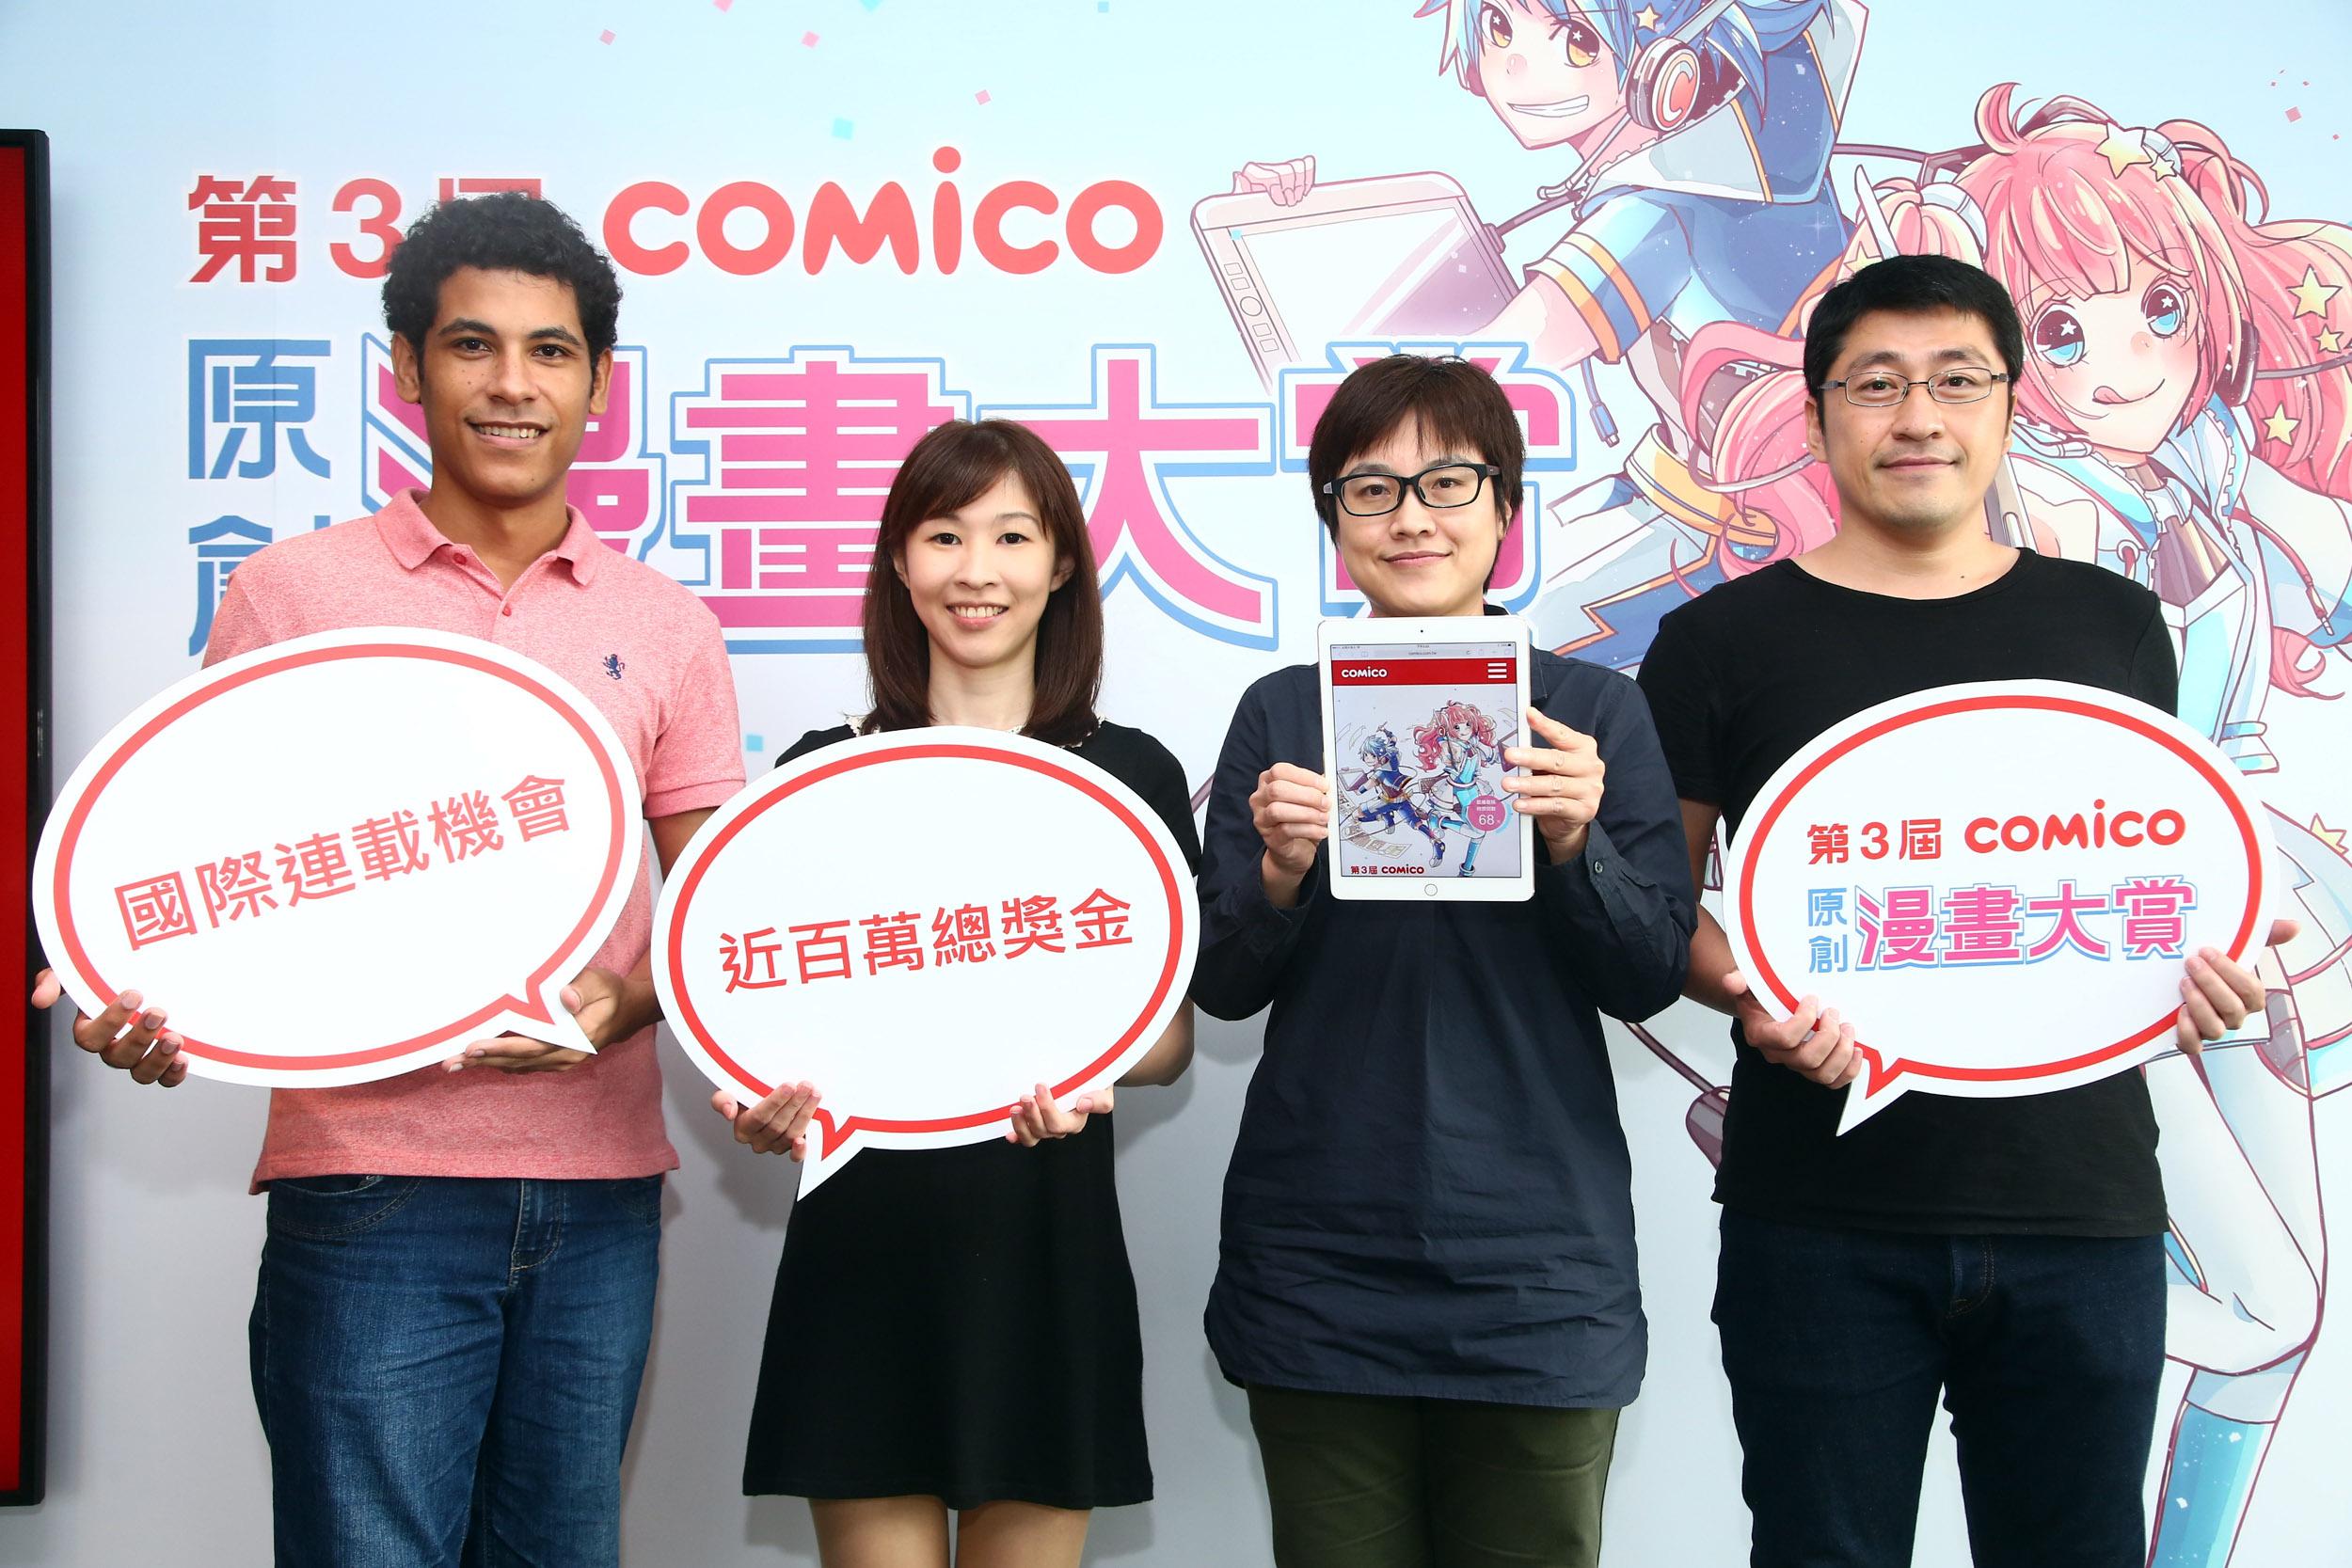 最高獎金高達30萬元,comico原創漫畫大賞11/1開始徵稿